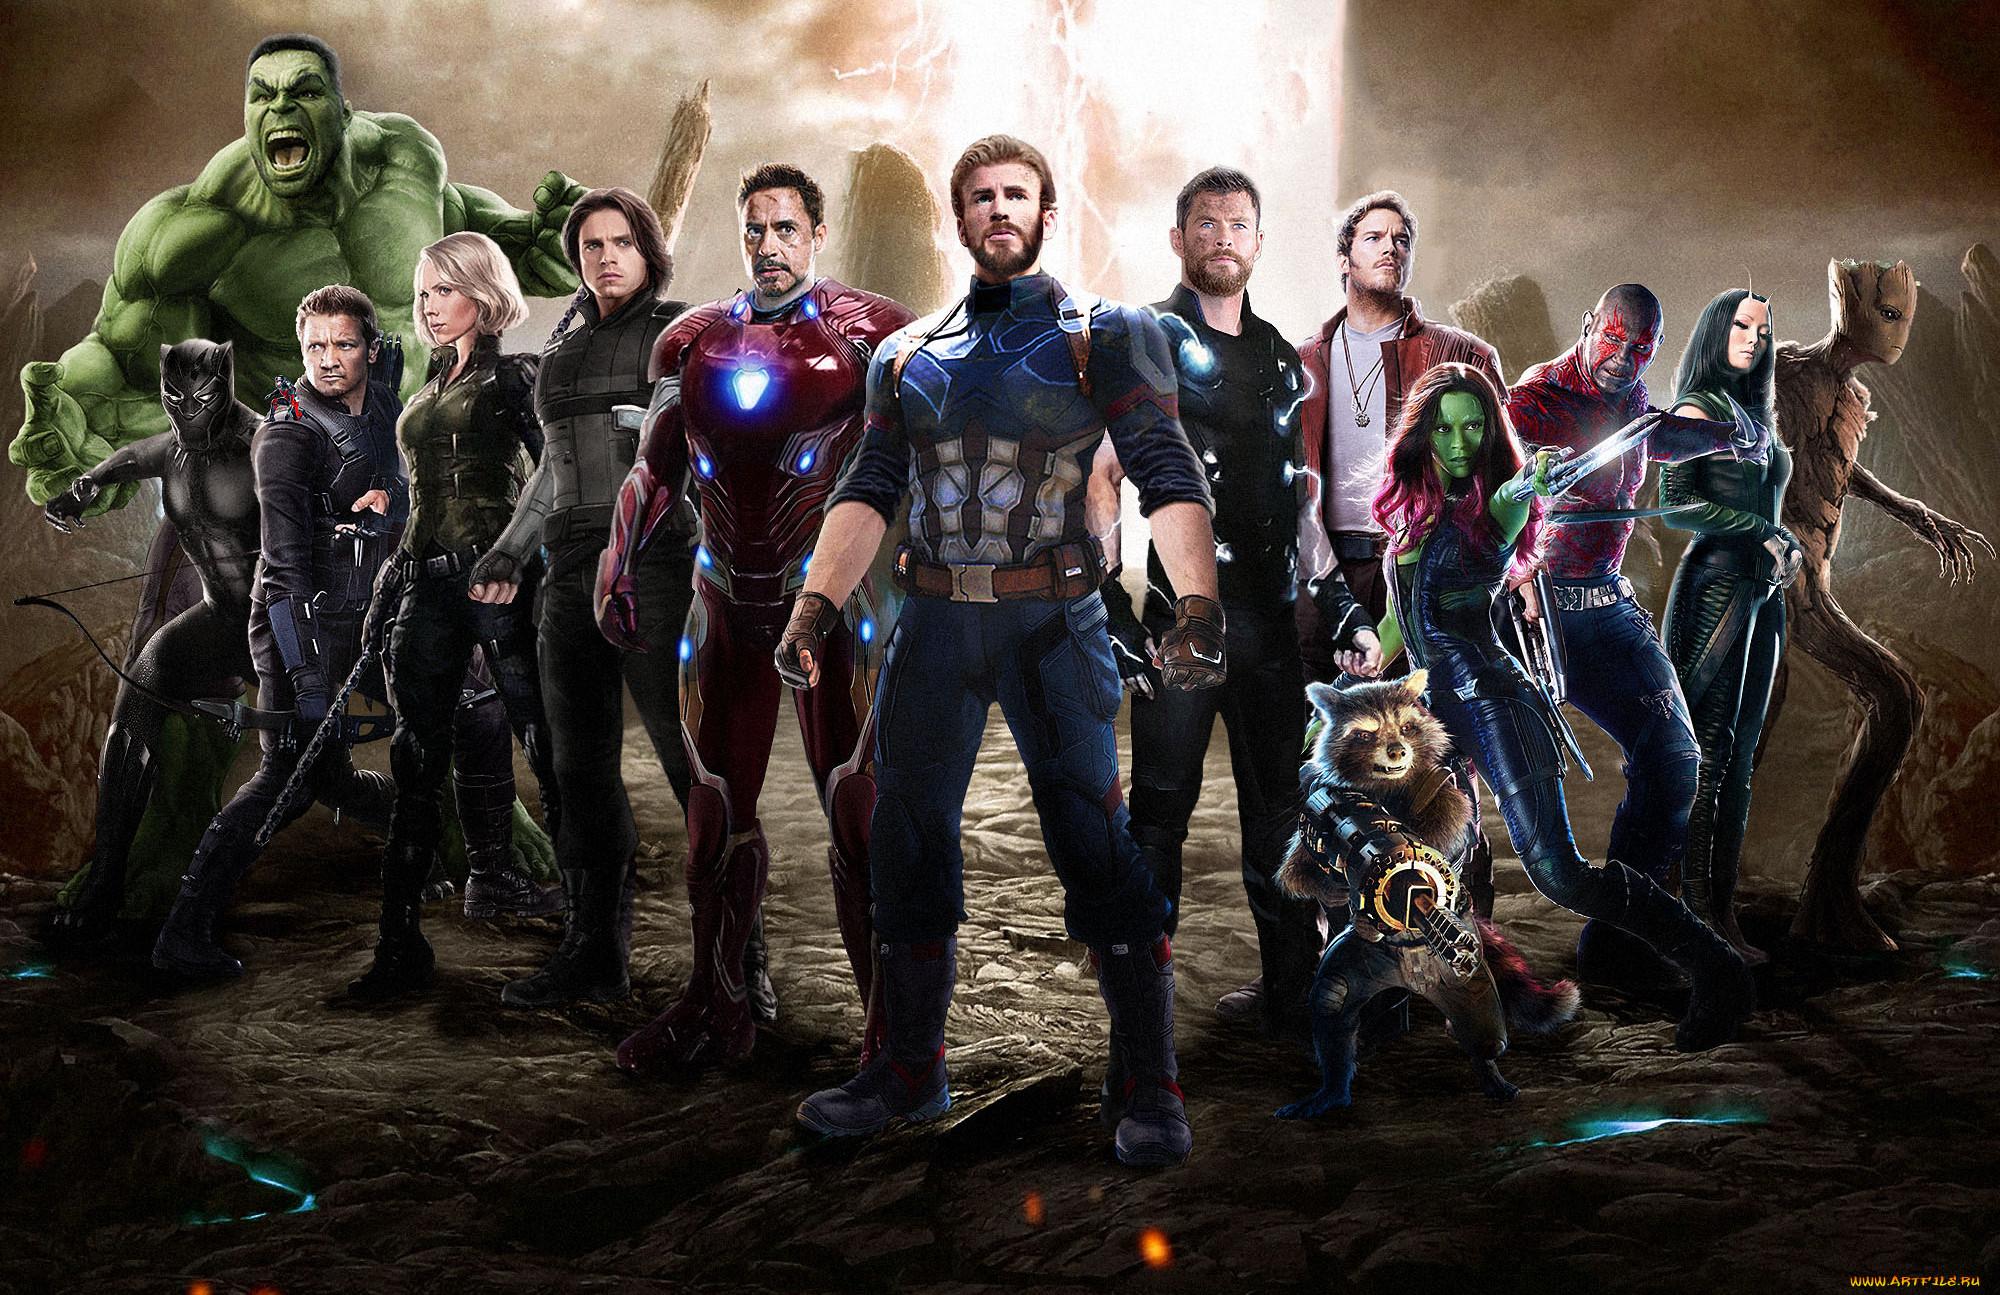 мне крутые картинки мстителей 2019 возникла идея